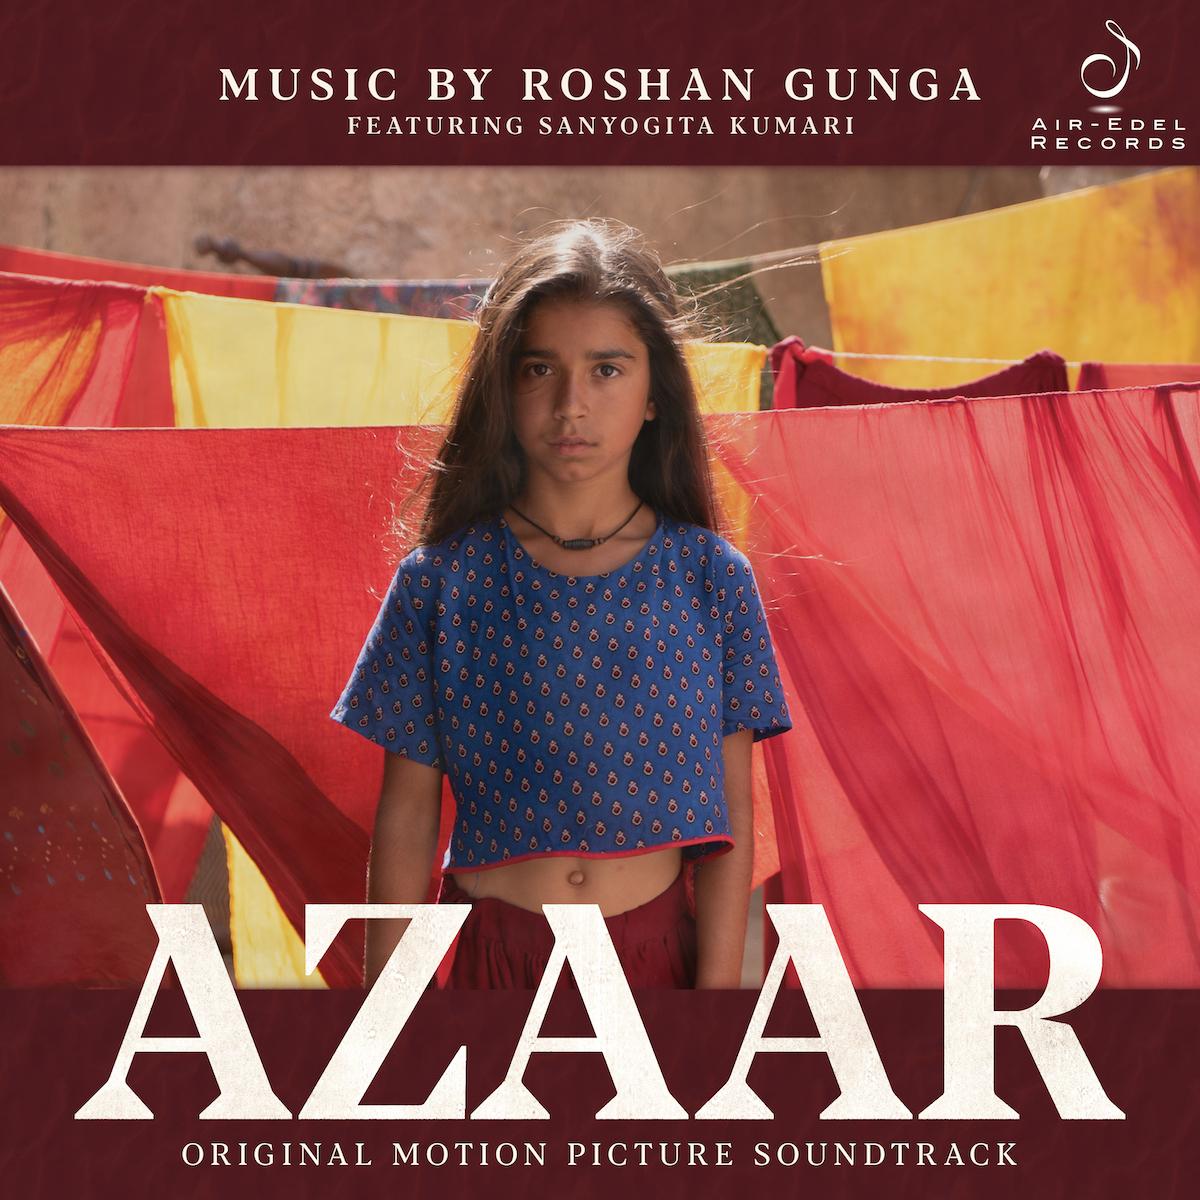 Azaar Air-Edel Records